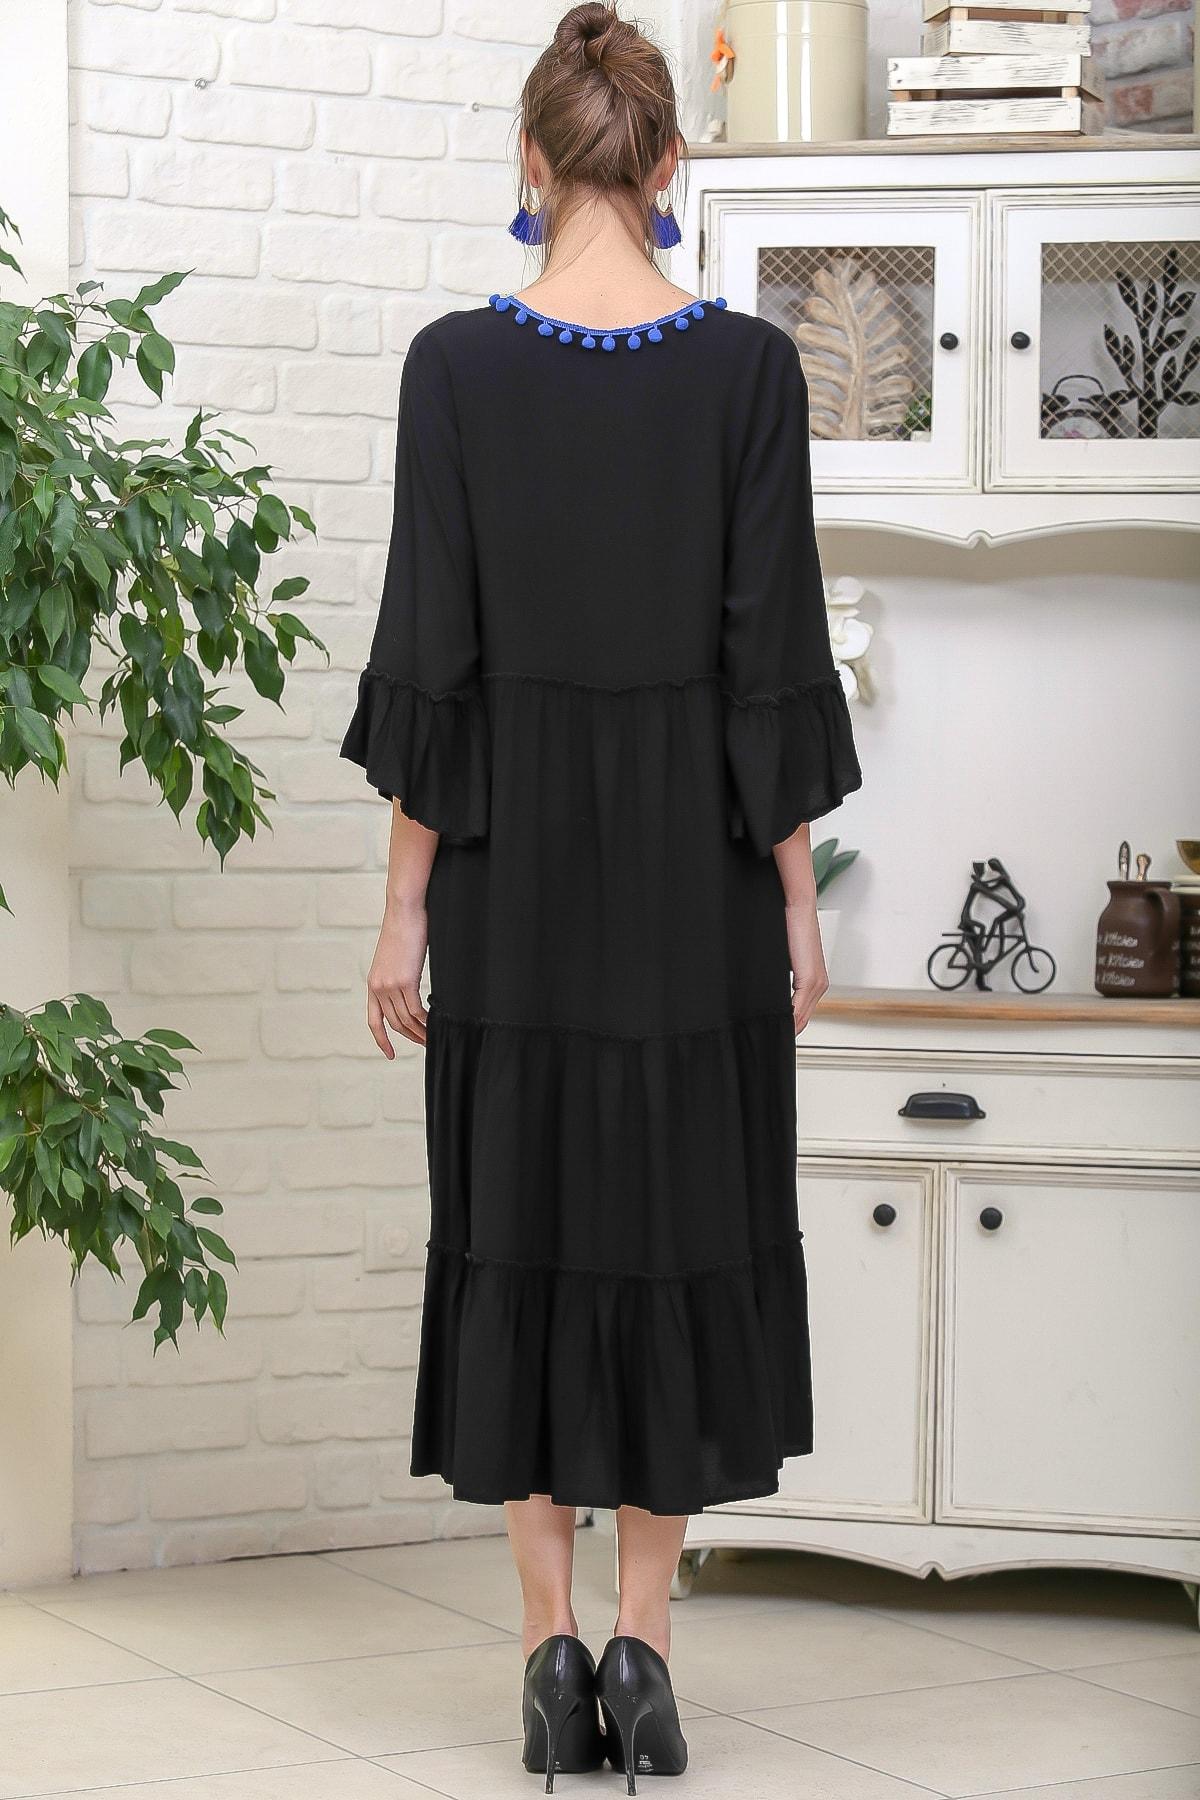 Chiccy Kadın Siyah-Mavi V Yaka Ponpon Detaylı Püsküllü Bağcıklı Salaş Dokuma Elbise M10160000EL95931 4